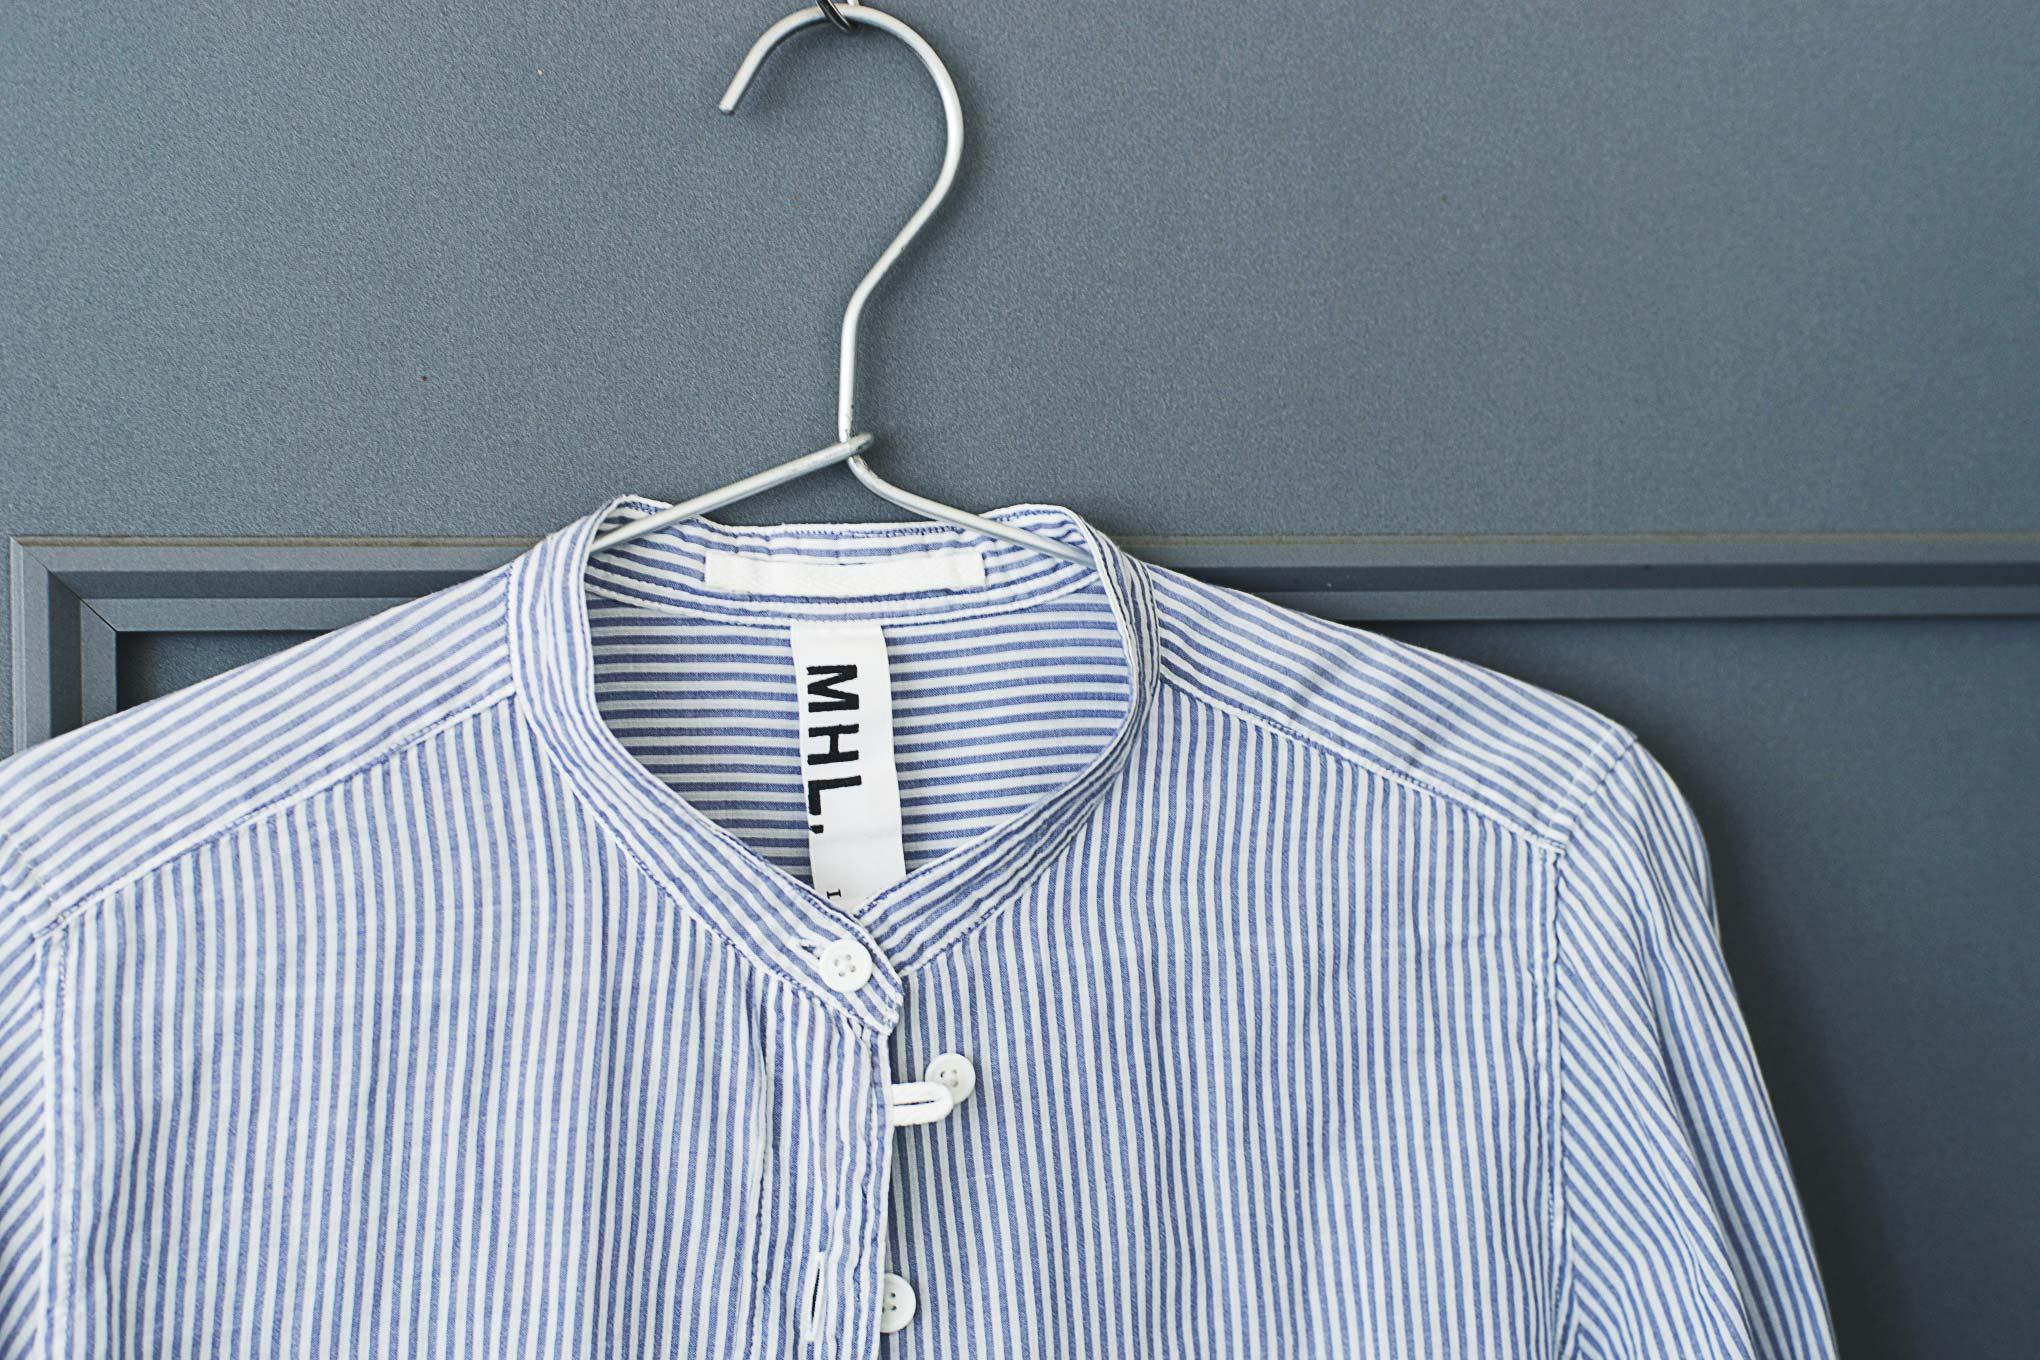 襟が破れたお気に入りのシャツをノーカラーシャツにリメイクしてみた